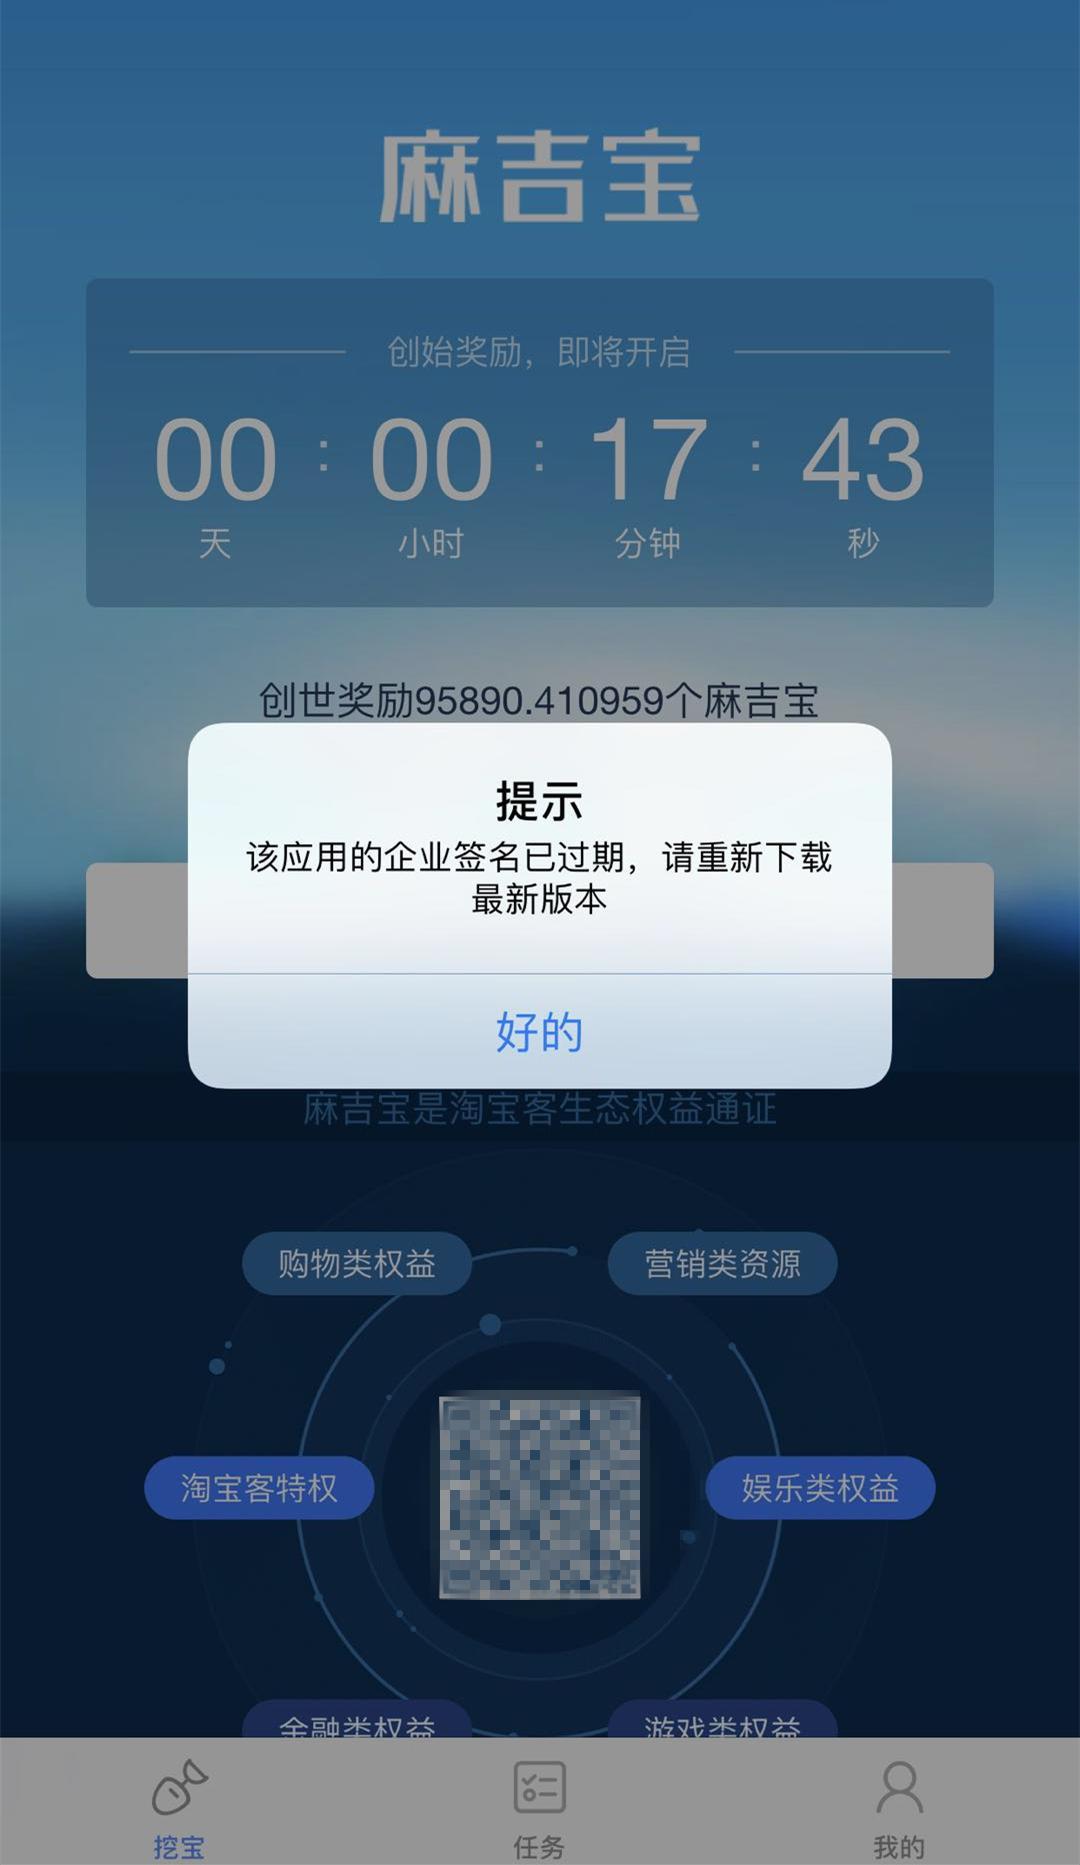 阿里系发布麻吉宝通证 已停止邀请新用户功能